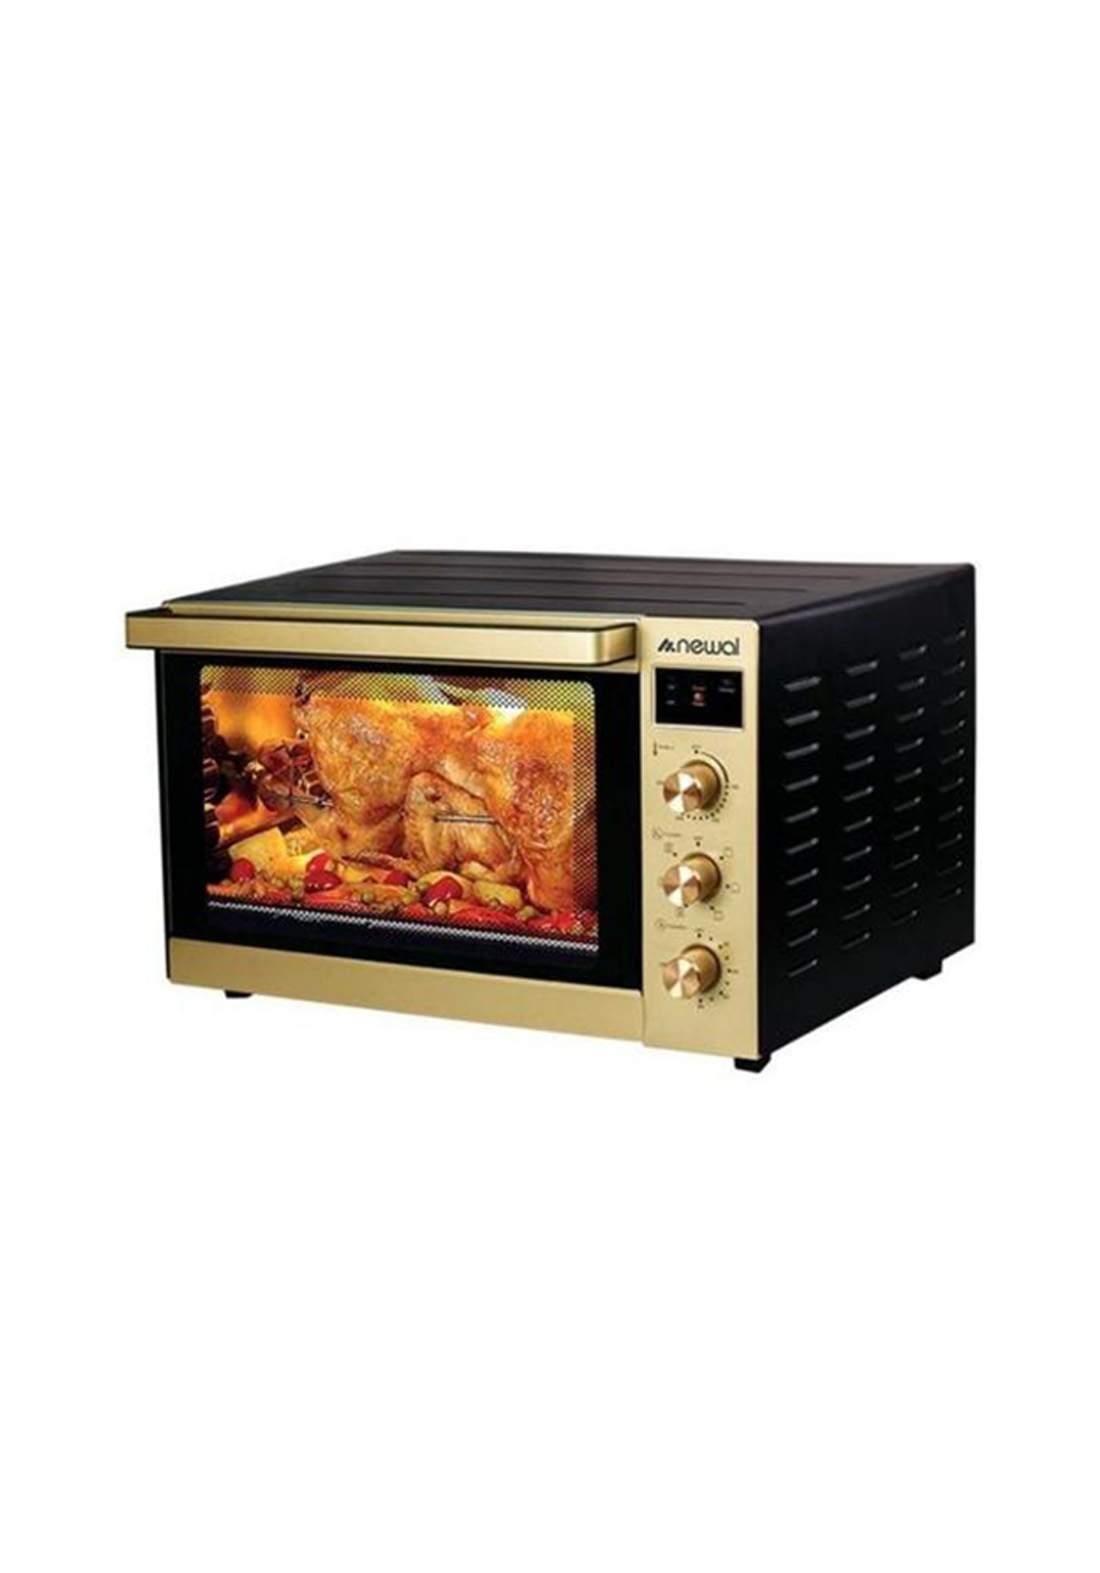 Newal Mini Oven 100L  MOV-1175-04 - Beige فرن كهربائي